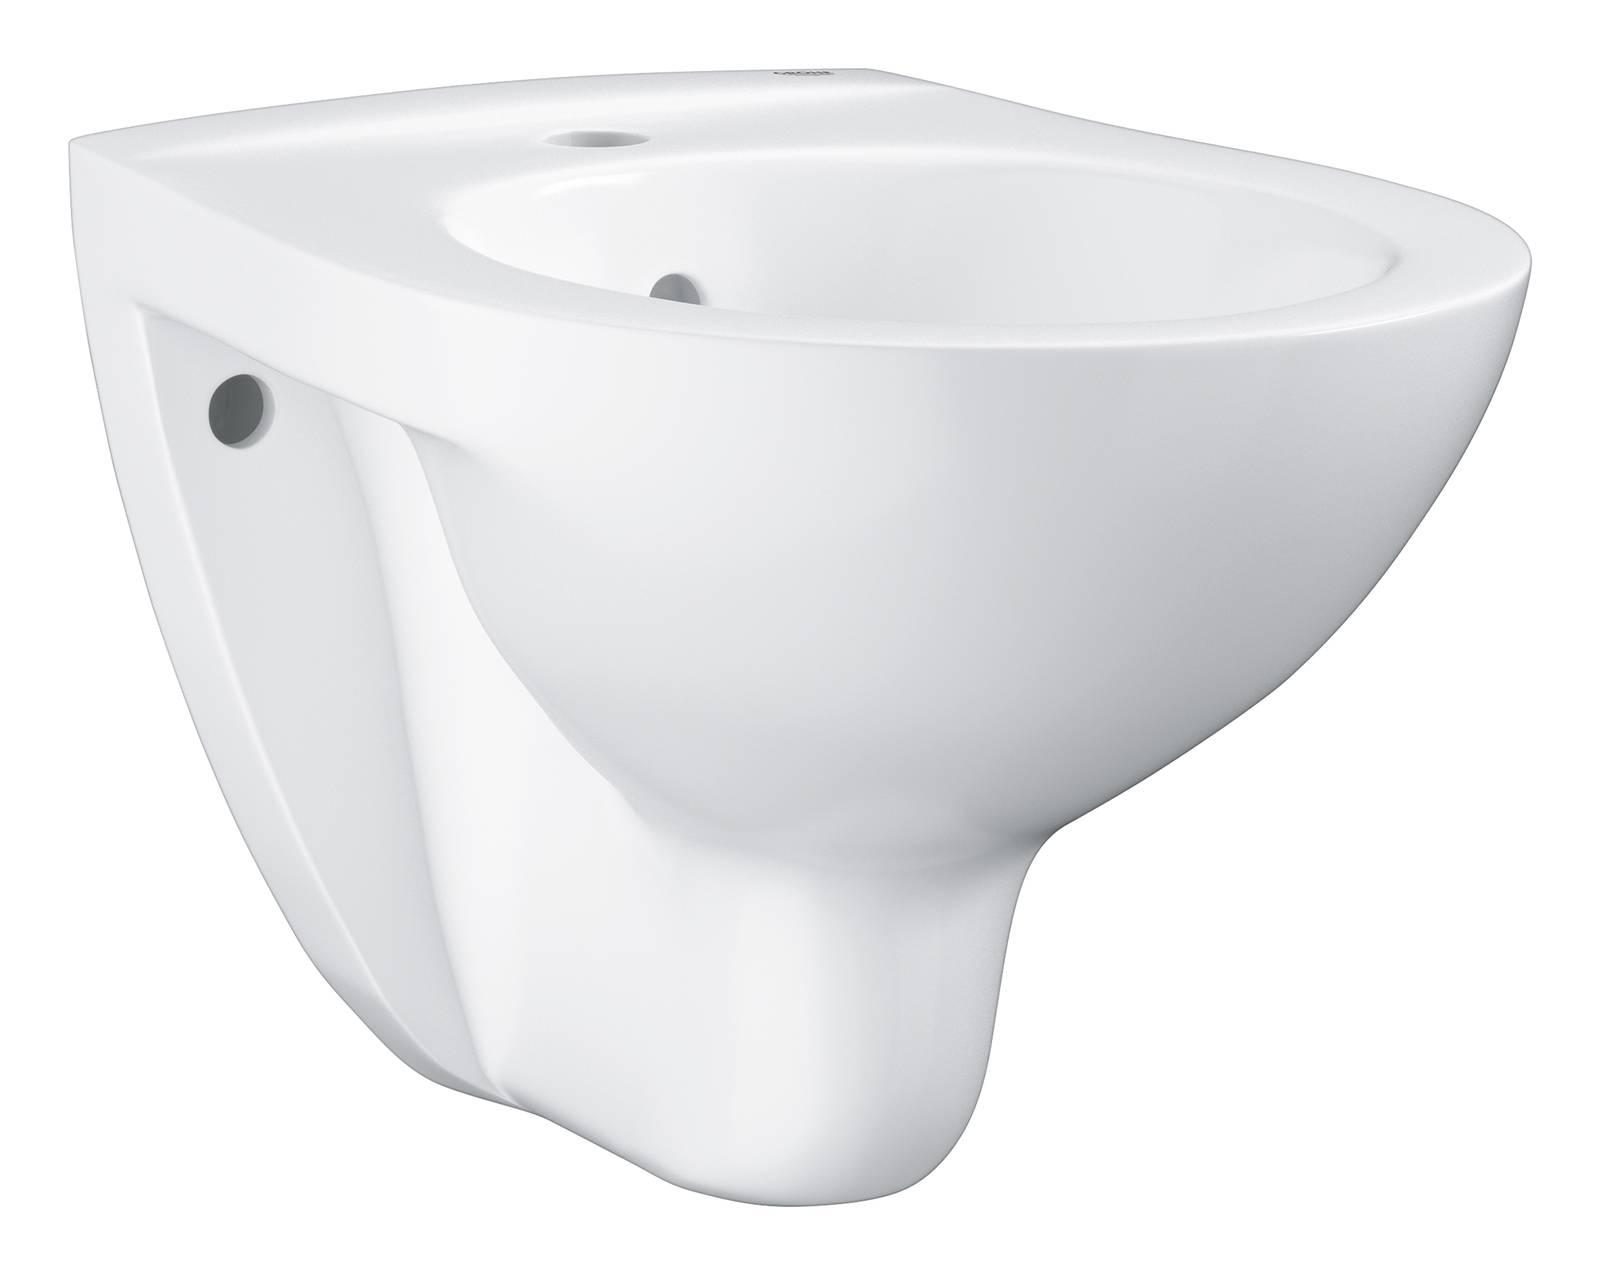 Grohe ora anche sanitari lavabi e piatti doccia oltre - Rubinetti sanitari bagno ...